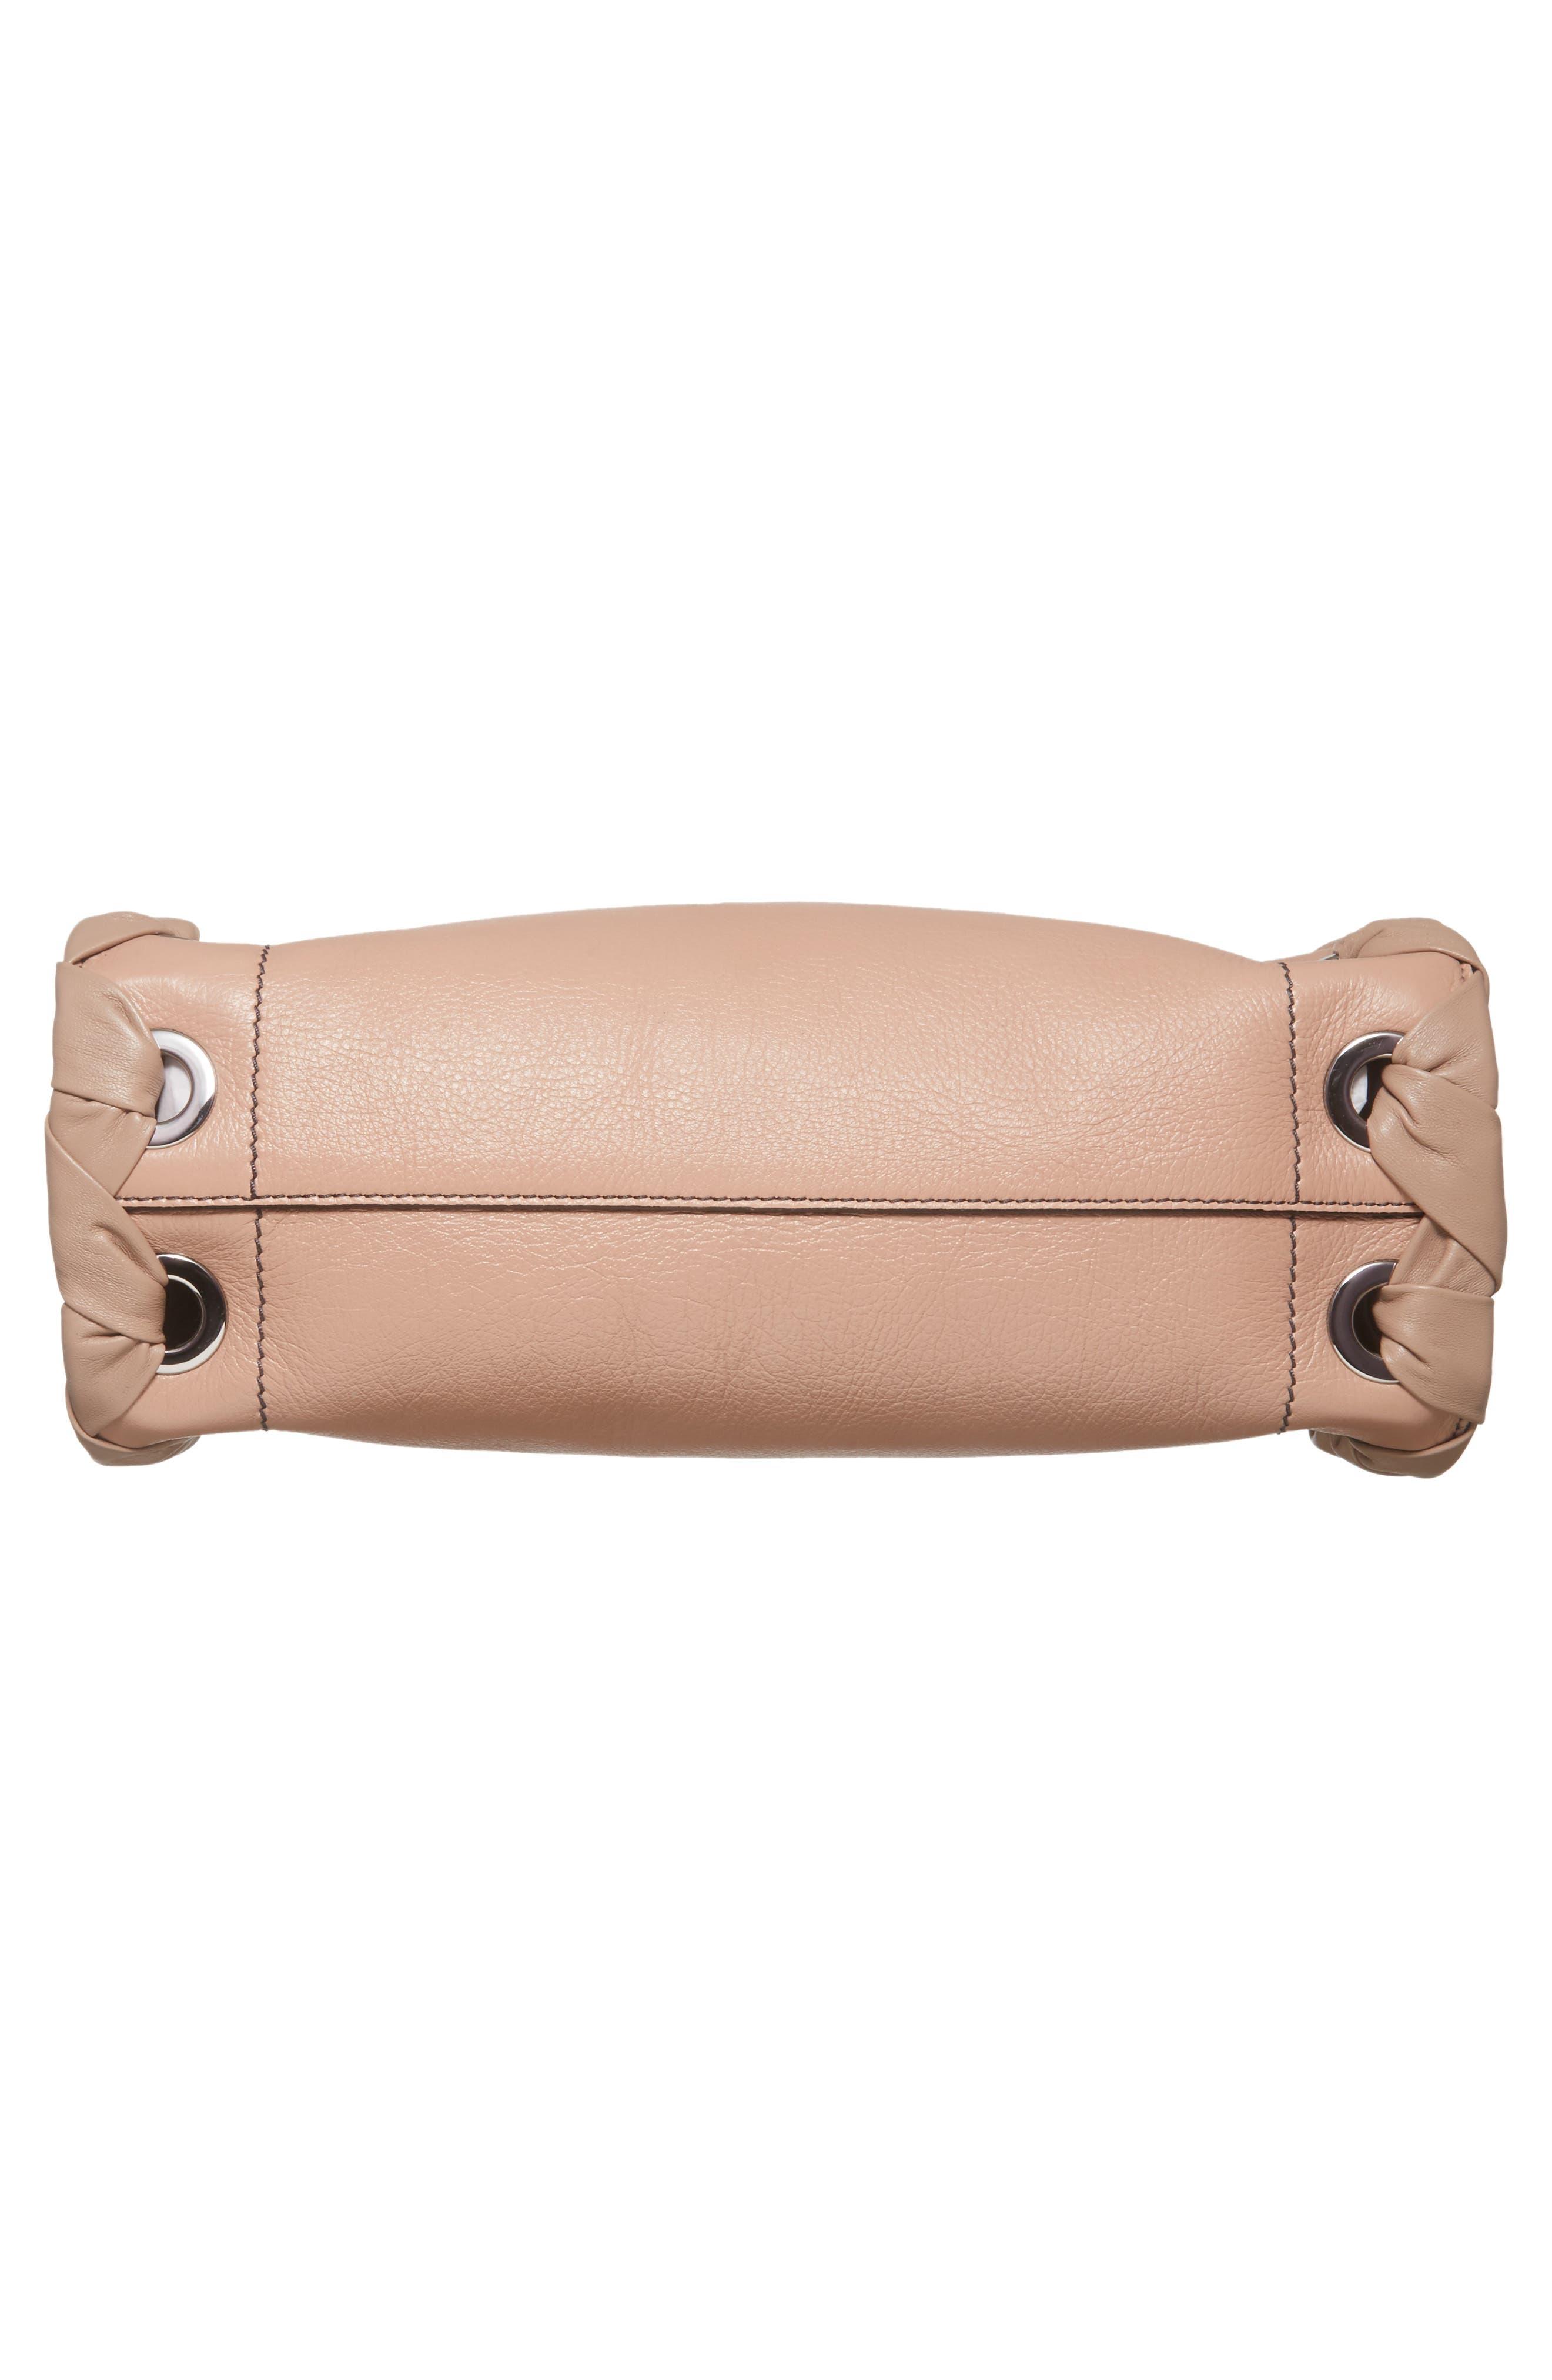 Rebel Leather Shoulder Bag,                             Alternate thumbnail 6, color,                             Ballet Pink